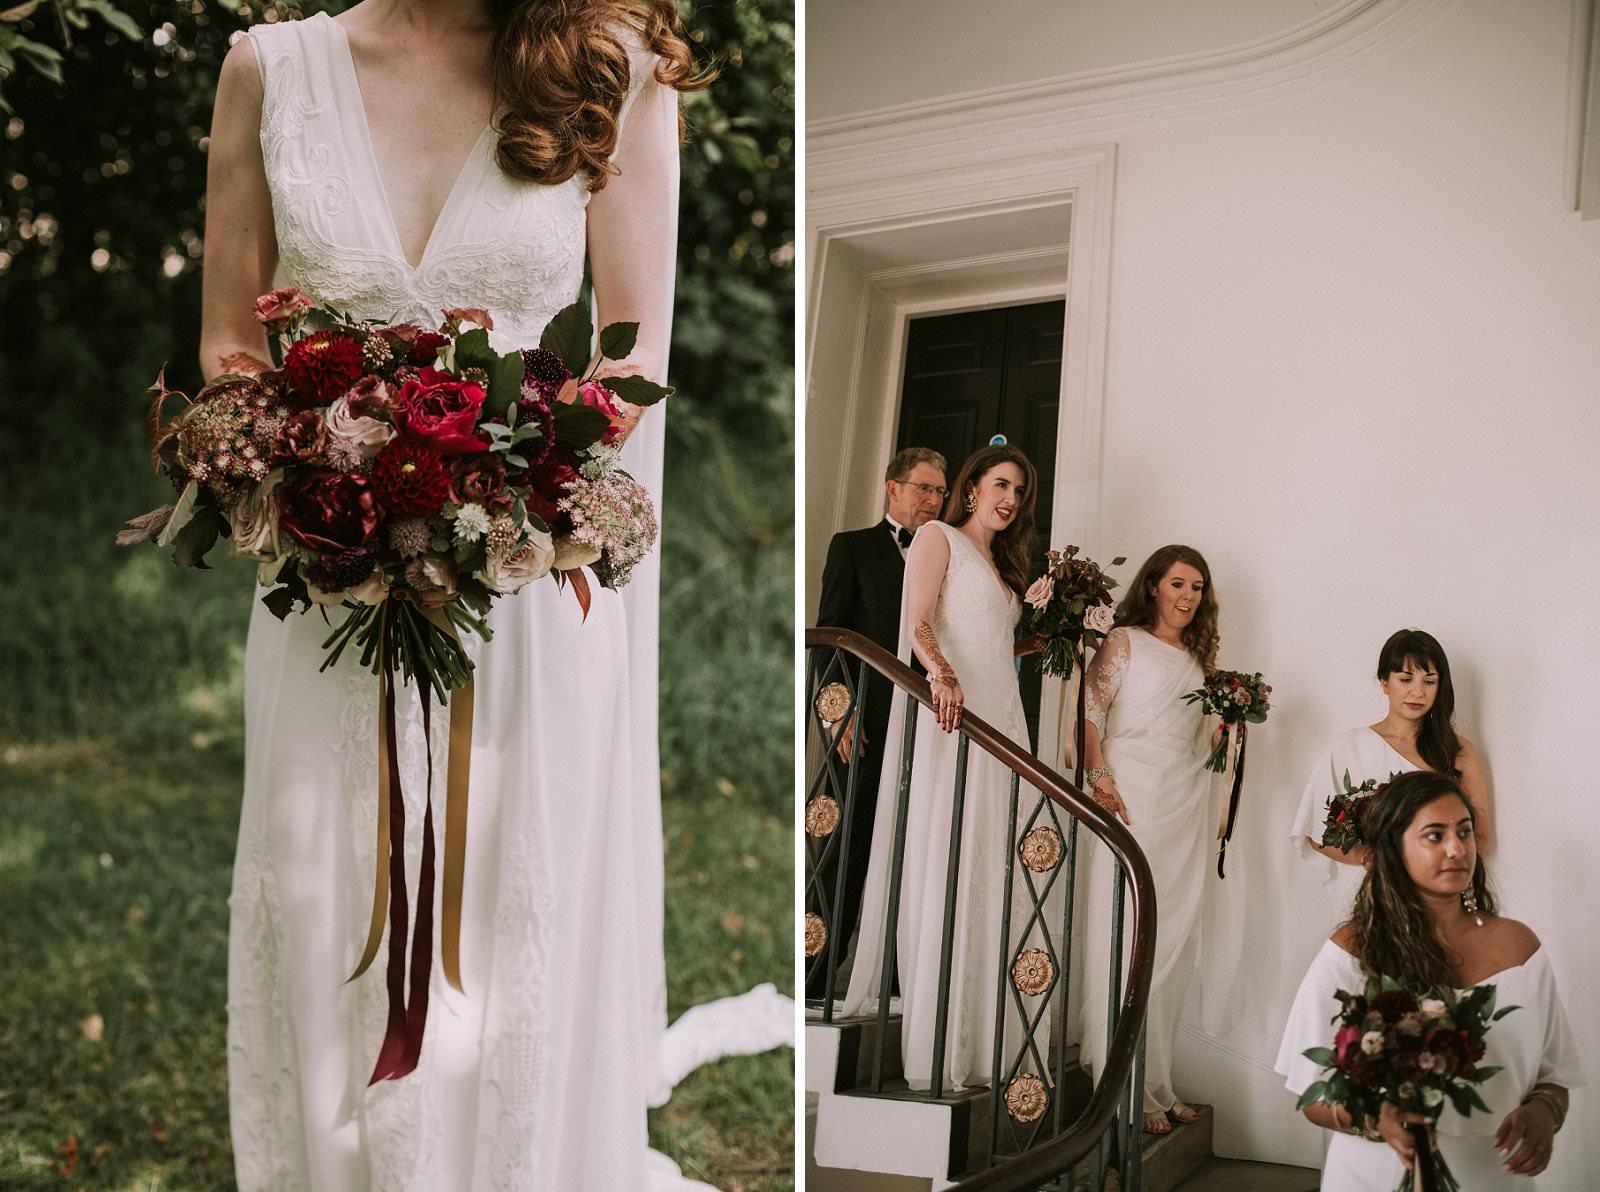 020-one-marylebone-wedding-london-photography